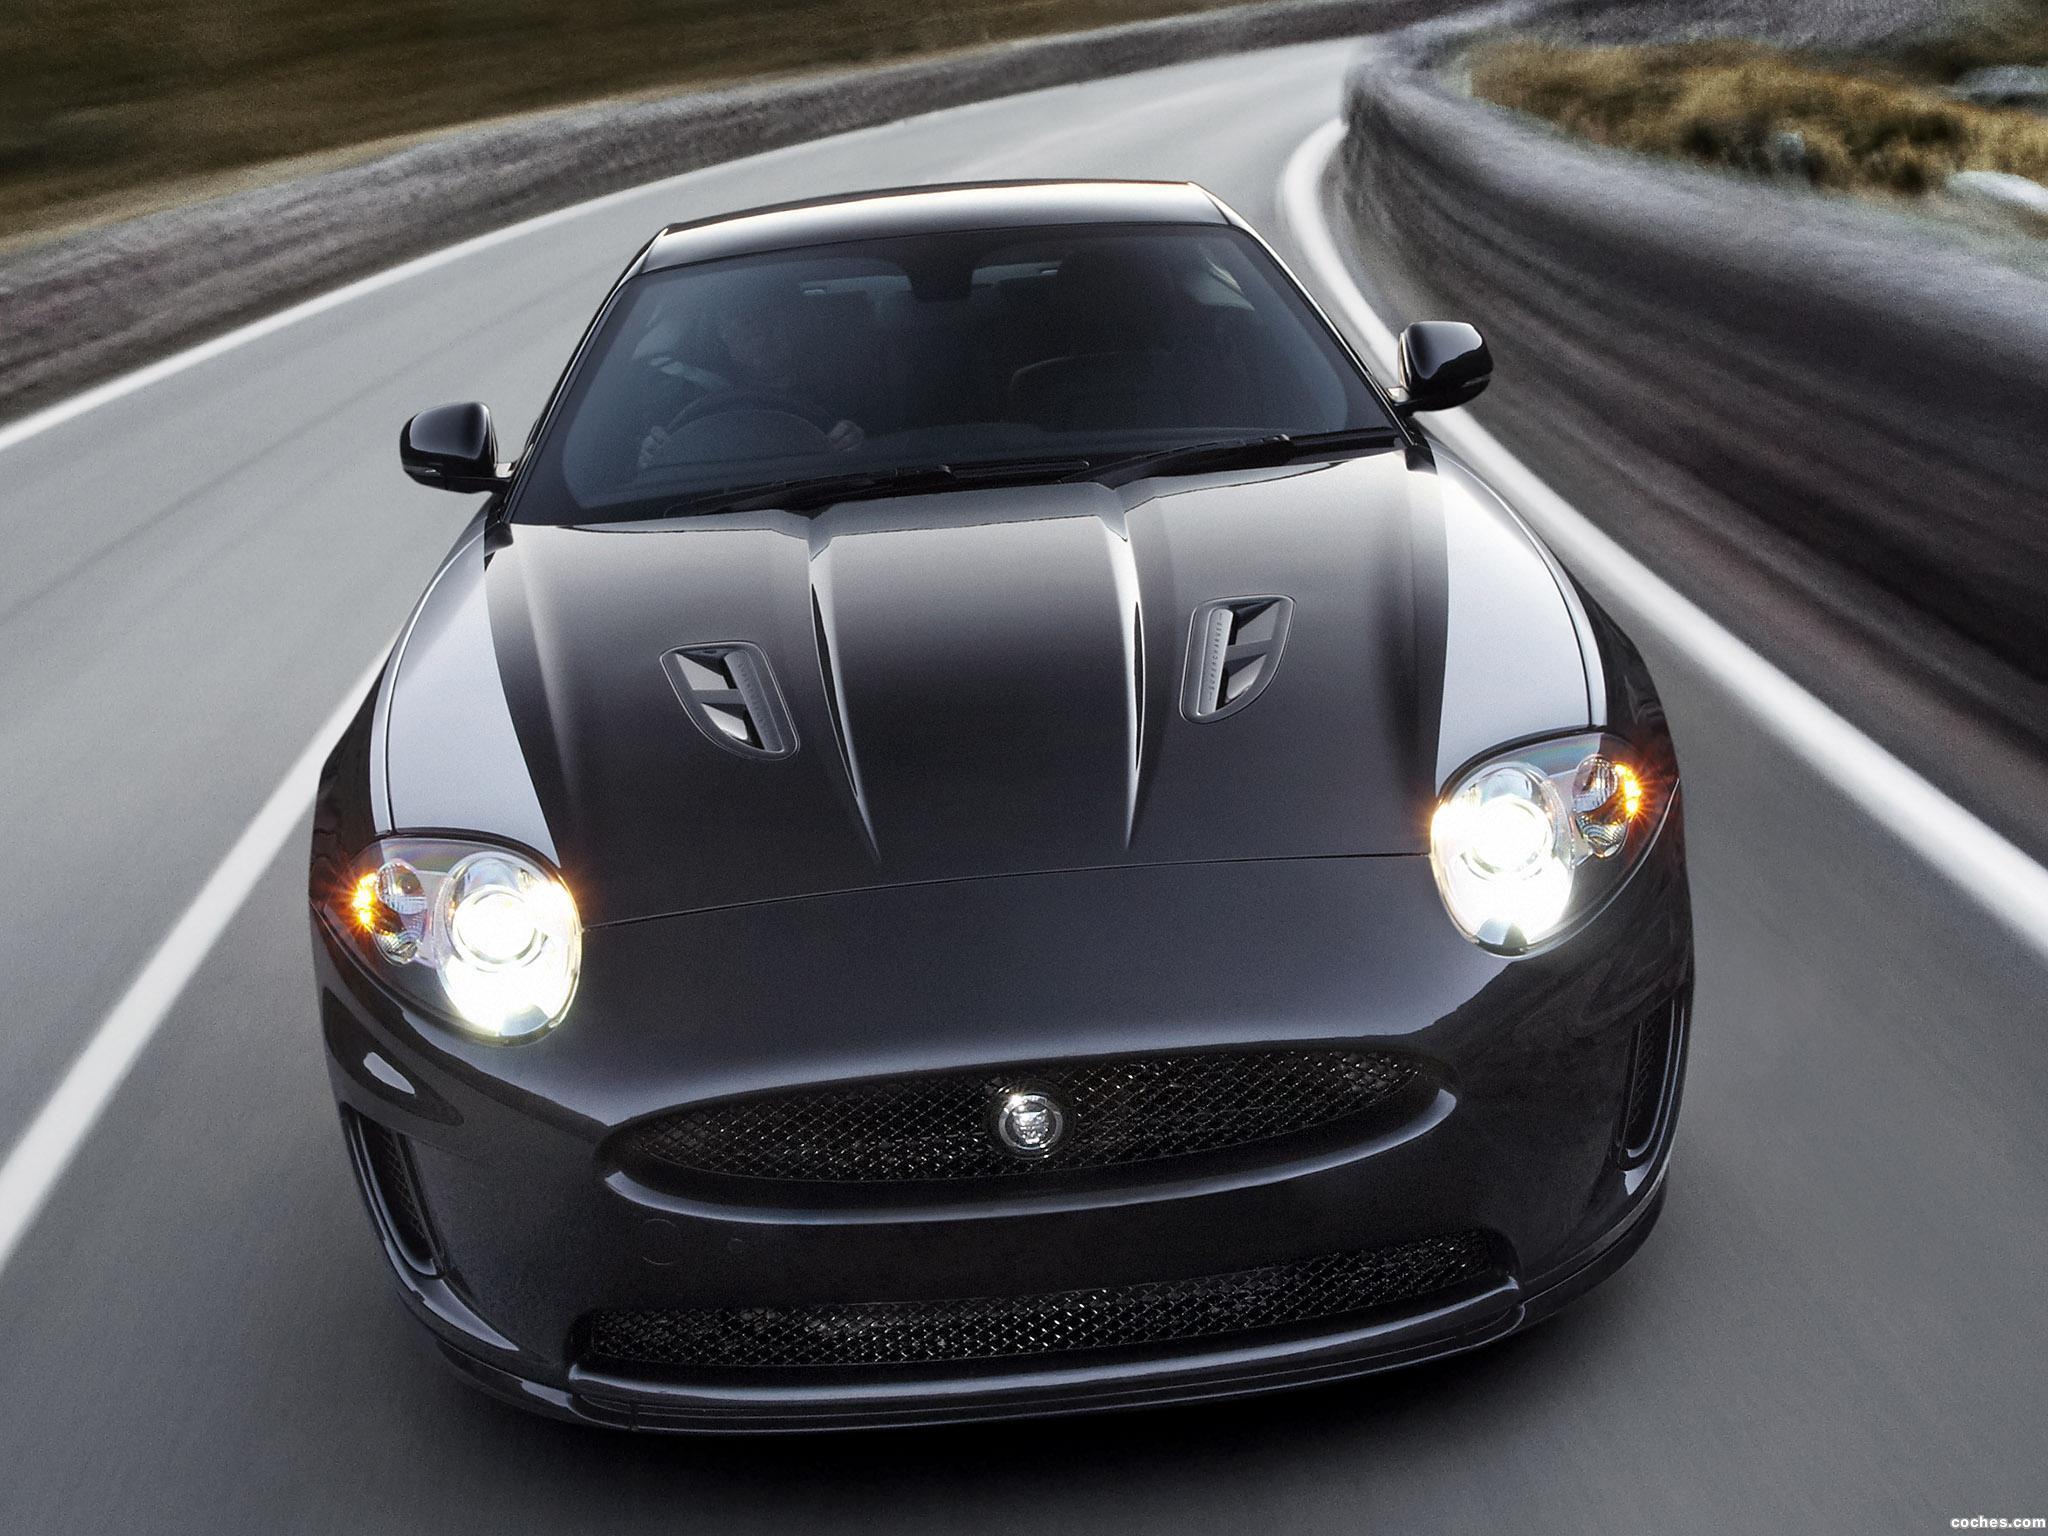 jaguar_xkr-75-coupe-uk-2010_r9